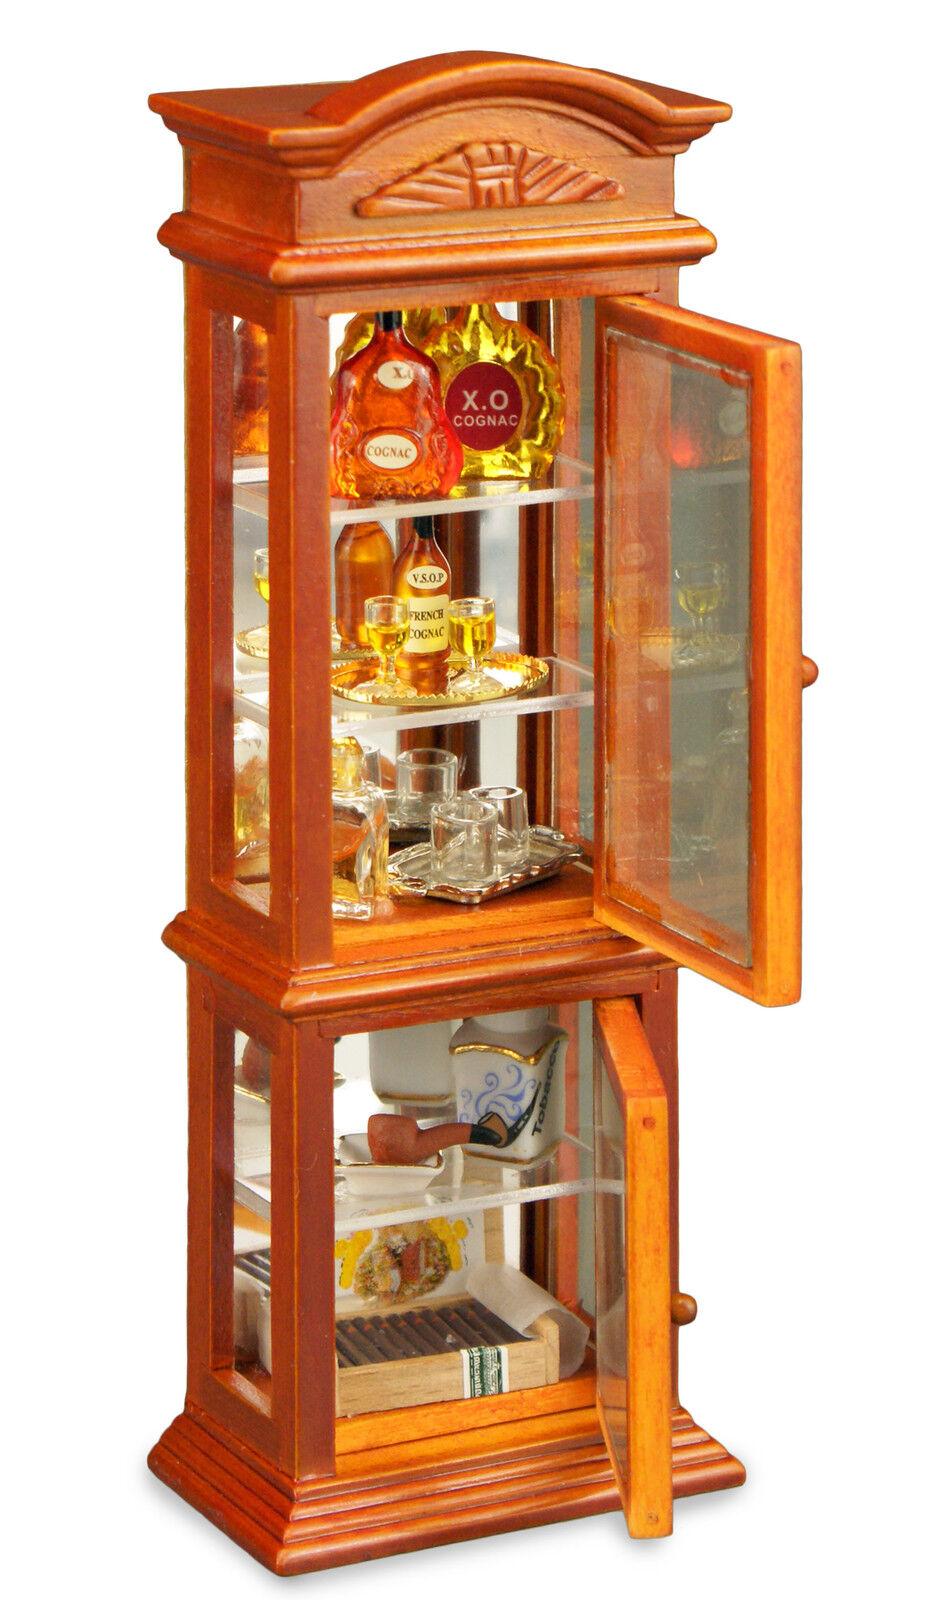 SCALA 12th armadietto dei gentiluomini  per i collezionisti o casa delle bambole scena